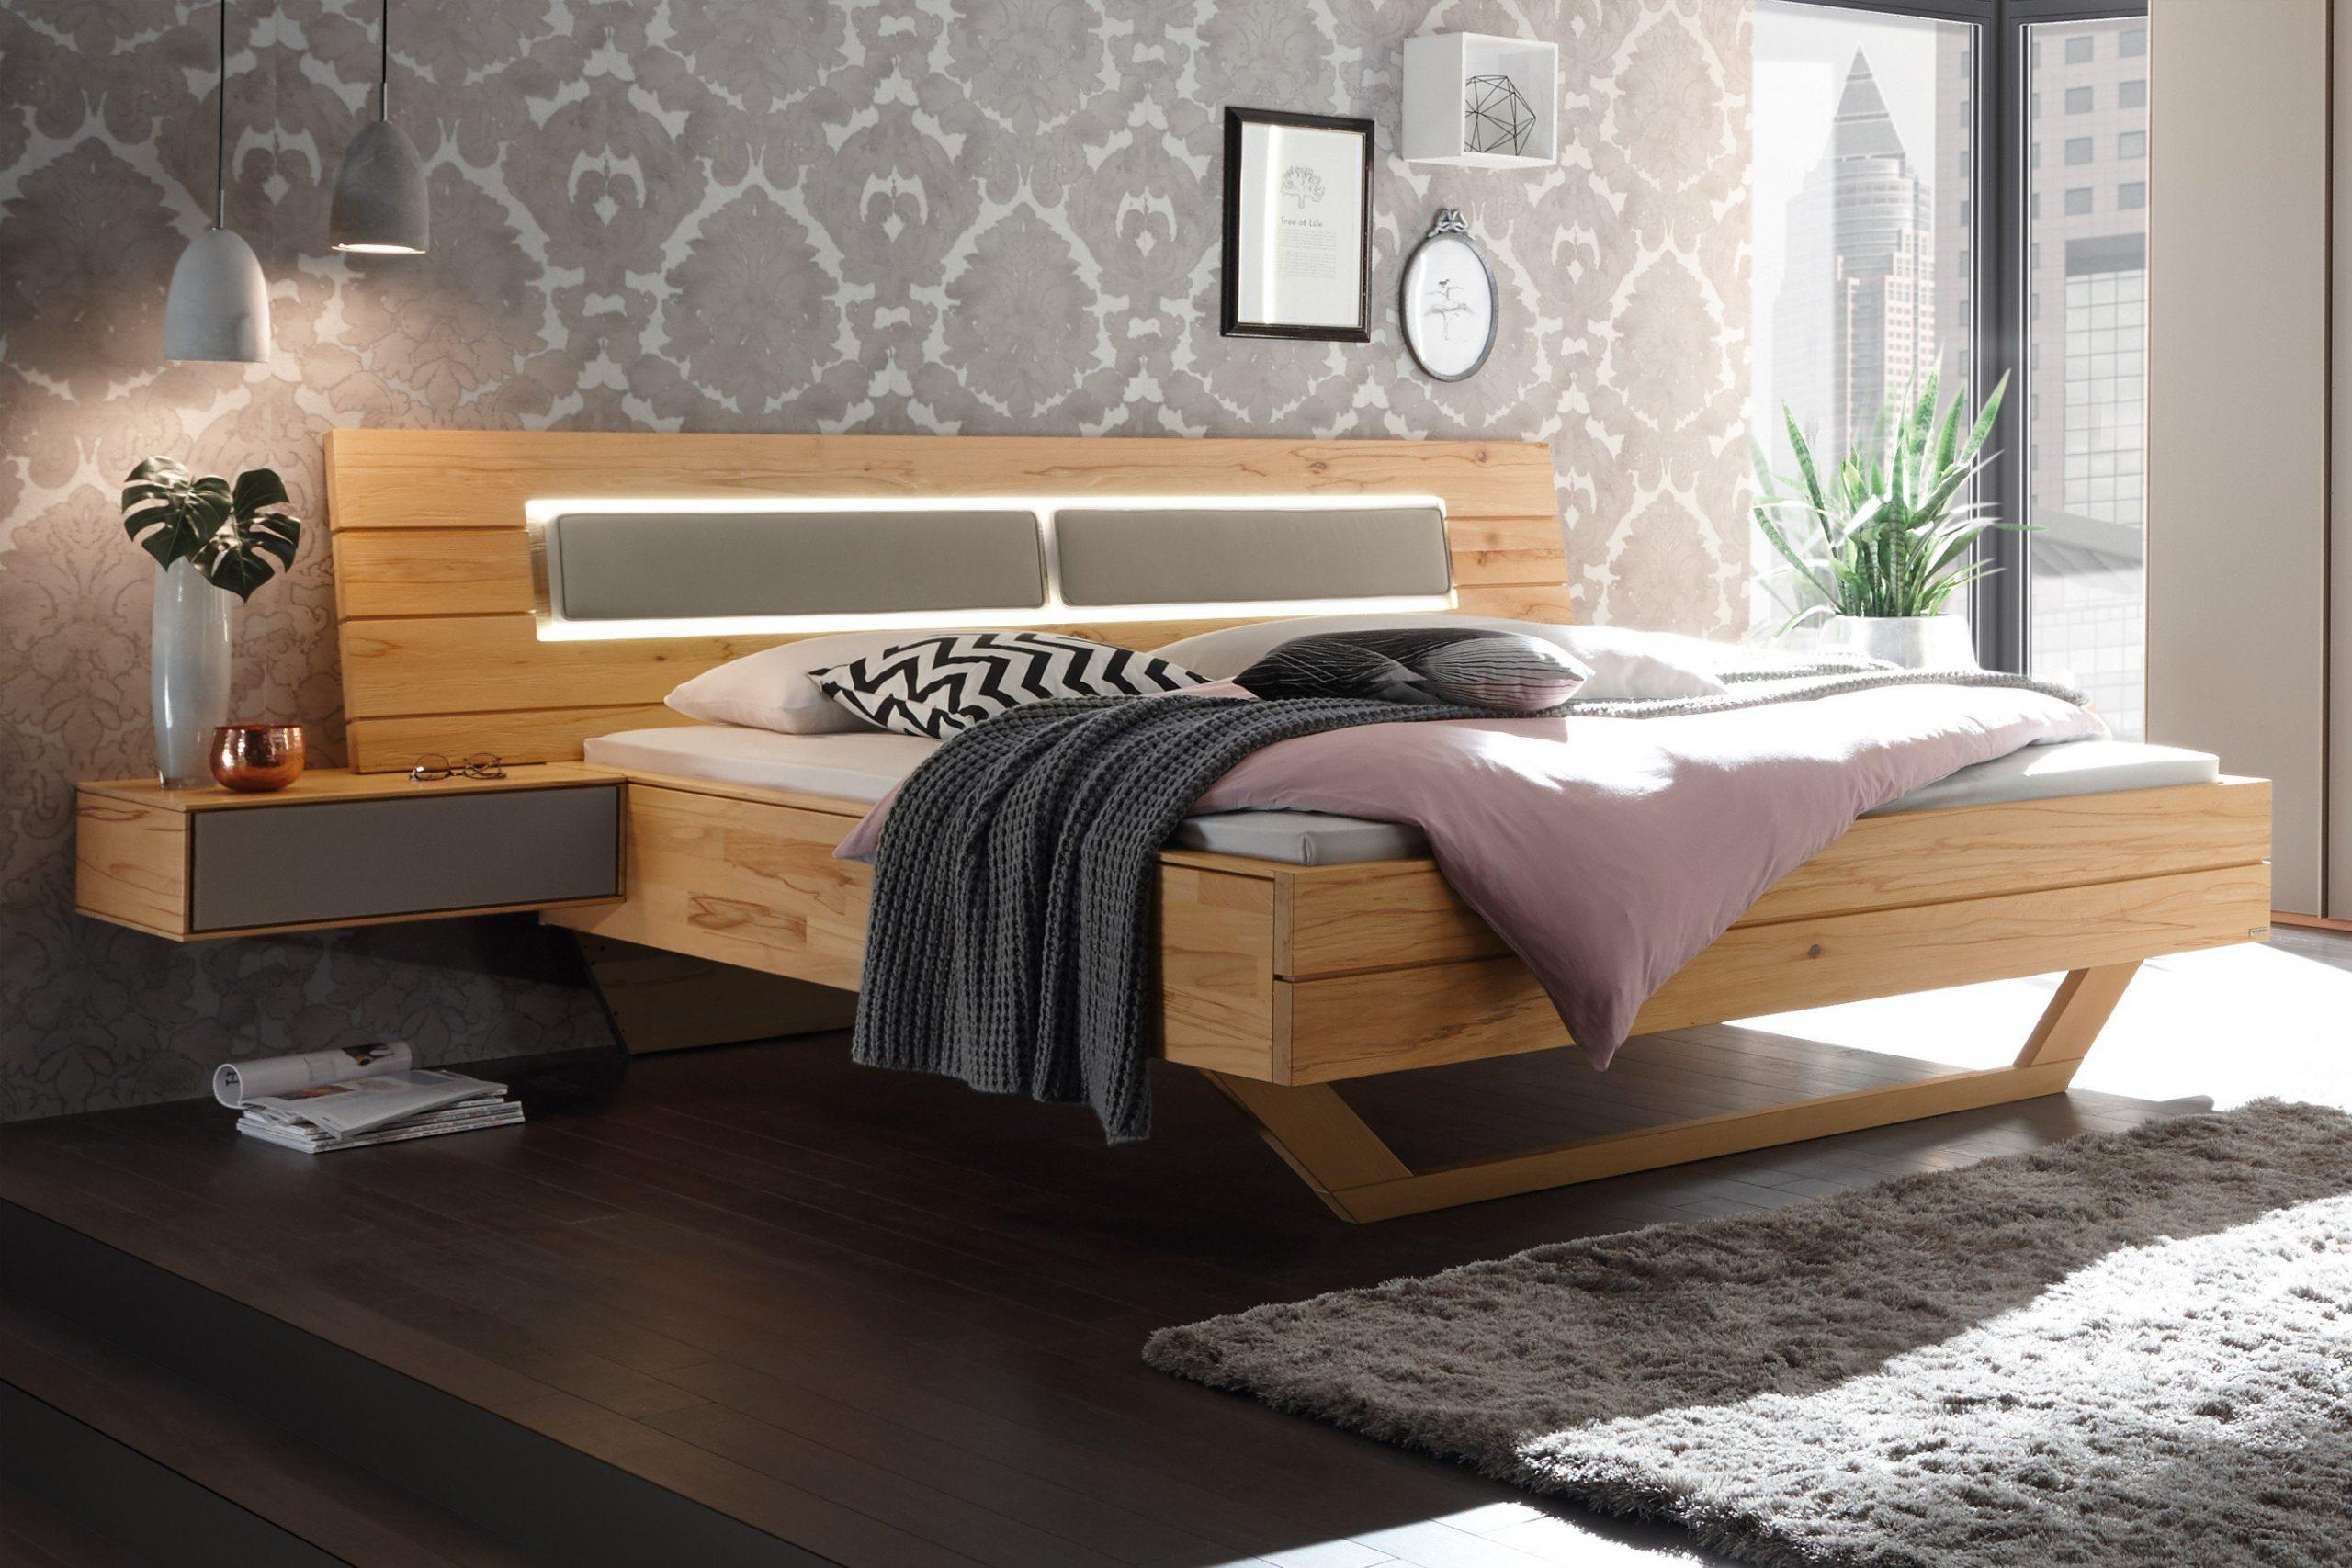 Full Size of Bett 220 X 200 Lava Von Thielemeyer Naturbuche Mbel Letz Ihr Online Shop 90x200 Weiß Betten München 200x200 Paidi Holz Xxl Günstige 140x200 Coole Designer Bett Bett 220 X 200